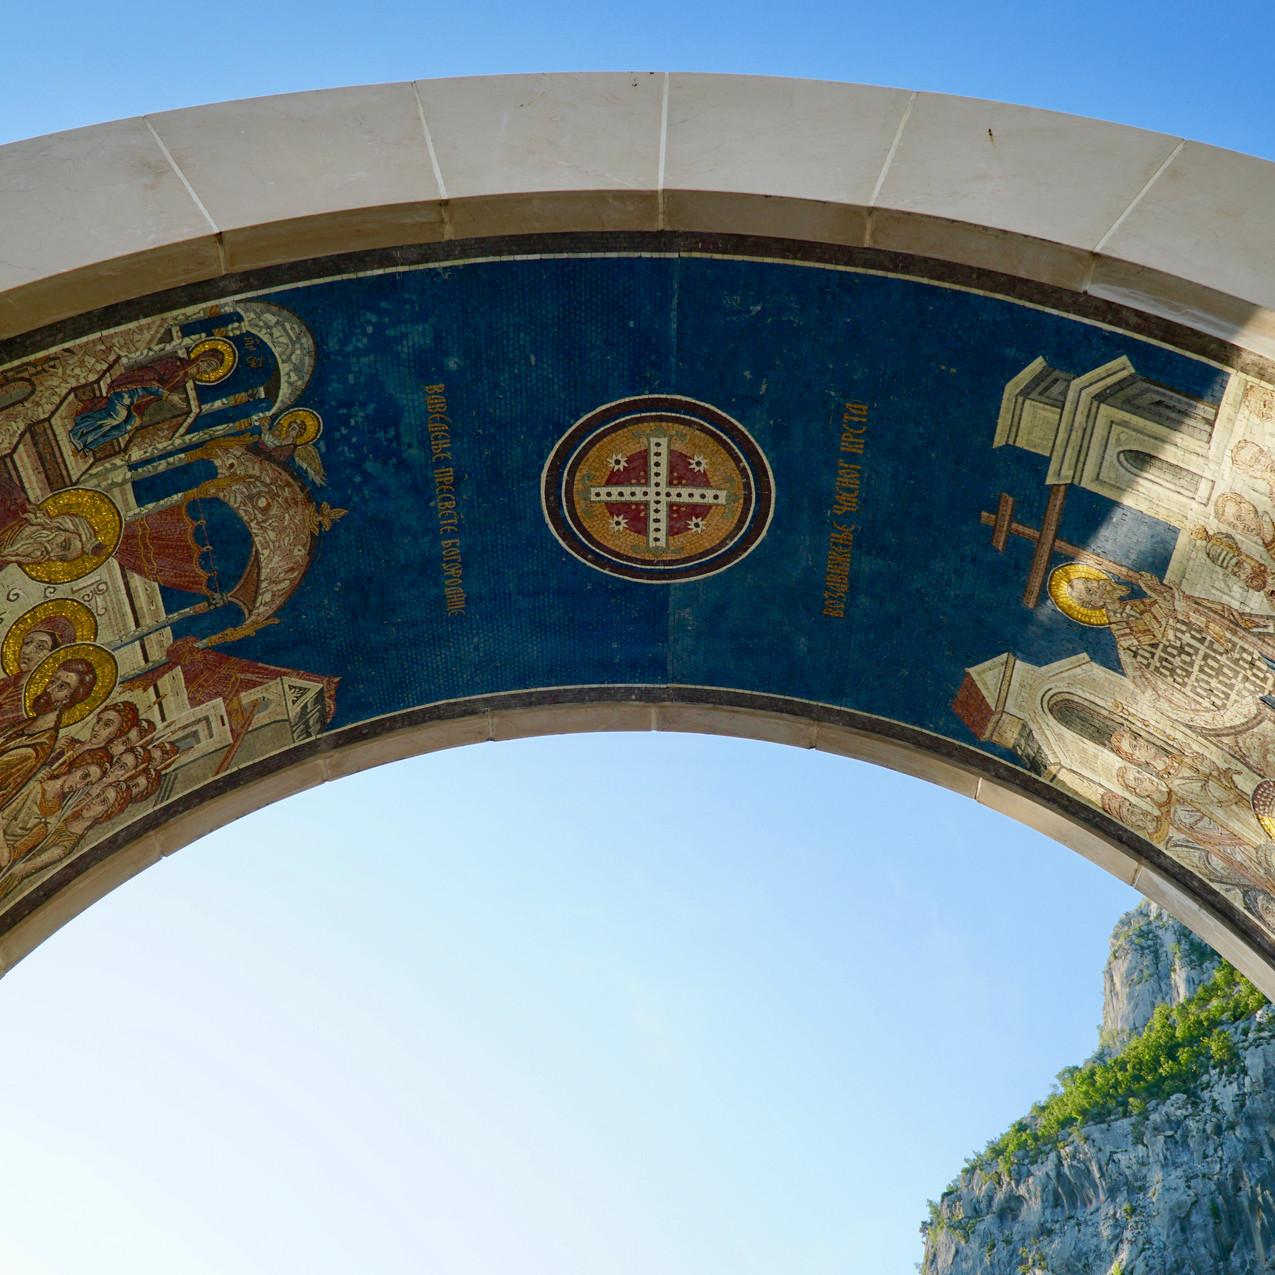 Ostrog Arch